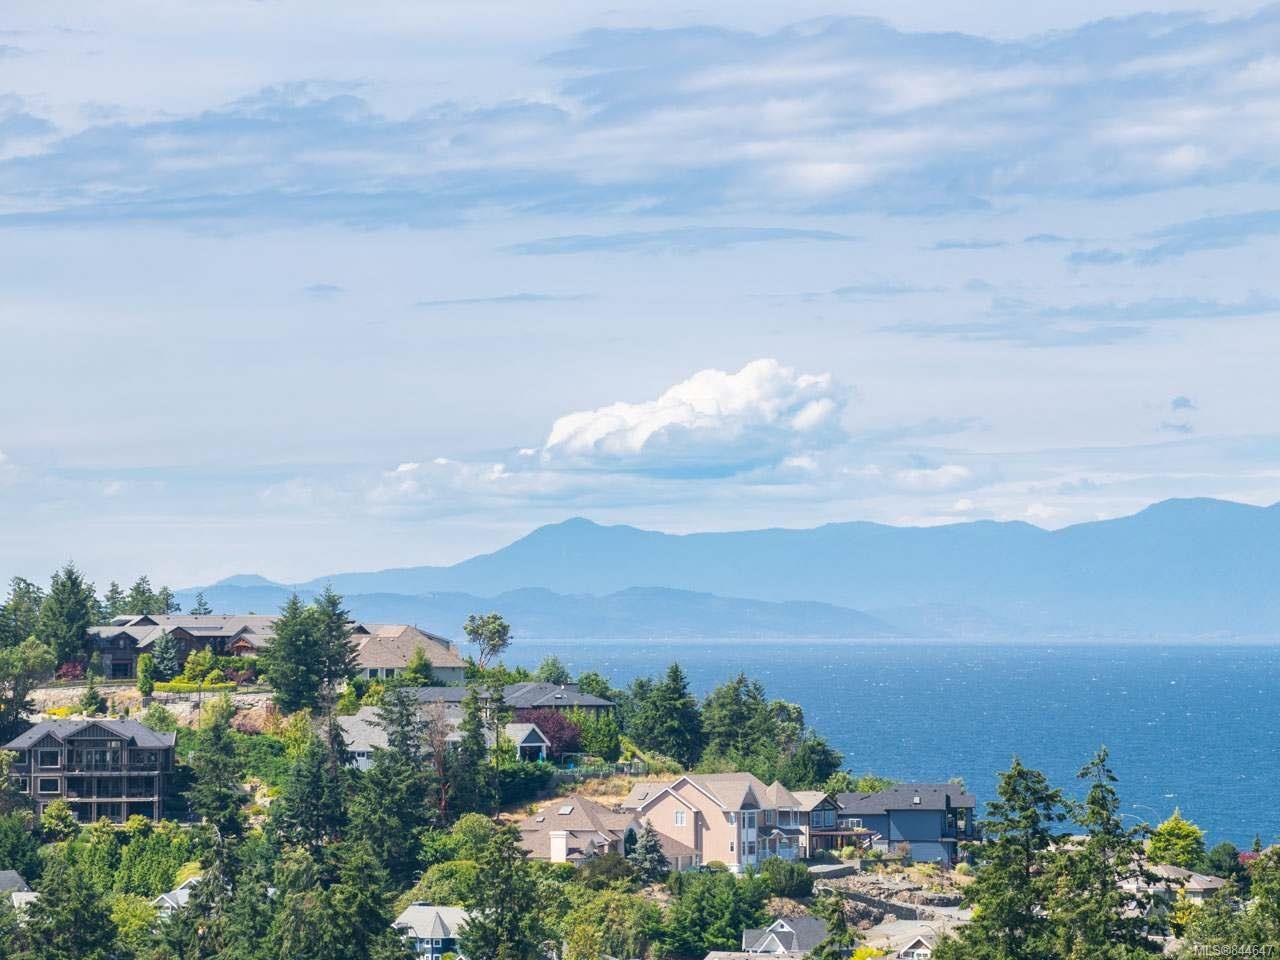 Photo 55: Photos: 4576 Laguna Way in NANAIMO: Na North Nanaimo House for sale (Nanaimo)  : MLS®# 844647